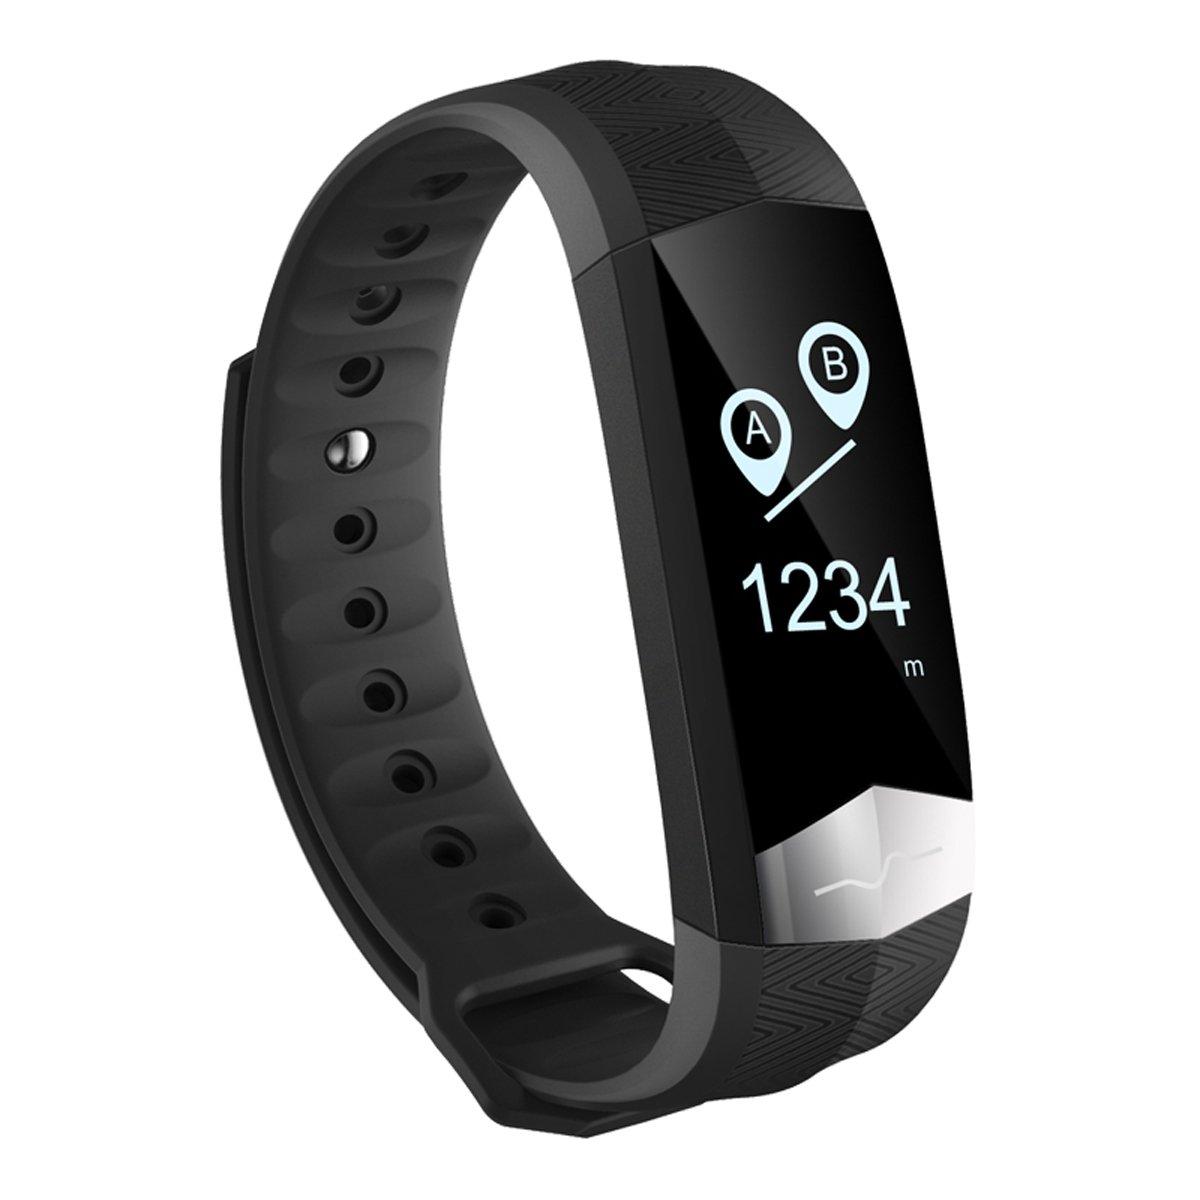 WAZY Fitness Bracelet Smart Bracelet ECG Fréquence Cardiaque Pression de Sommeil Surveillance Du Sport Bluetooth Santé Des Sports, Noir, 9.6 * 0.7 * 0.4 in